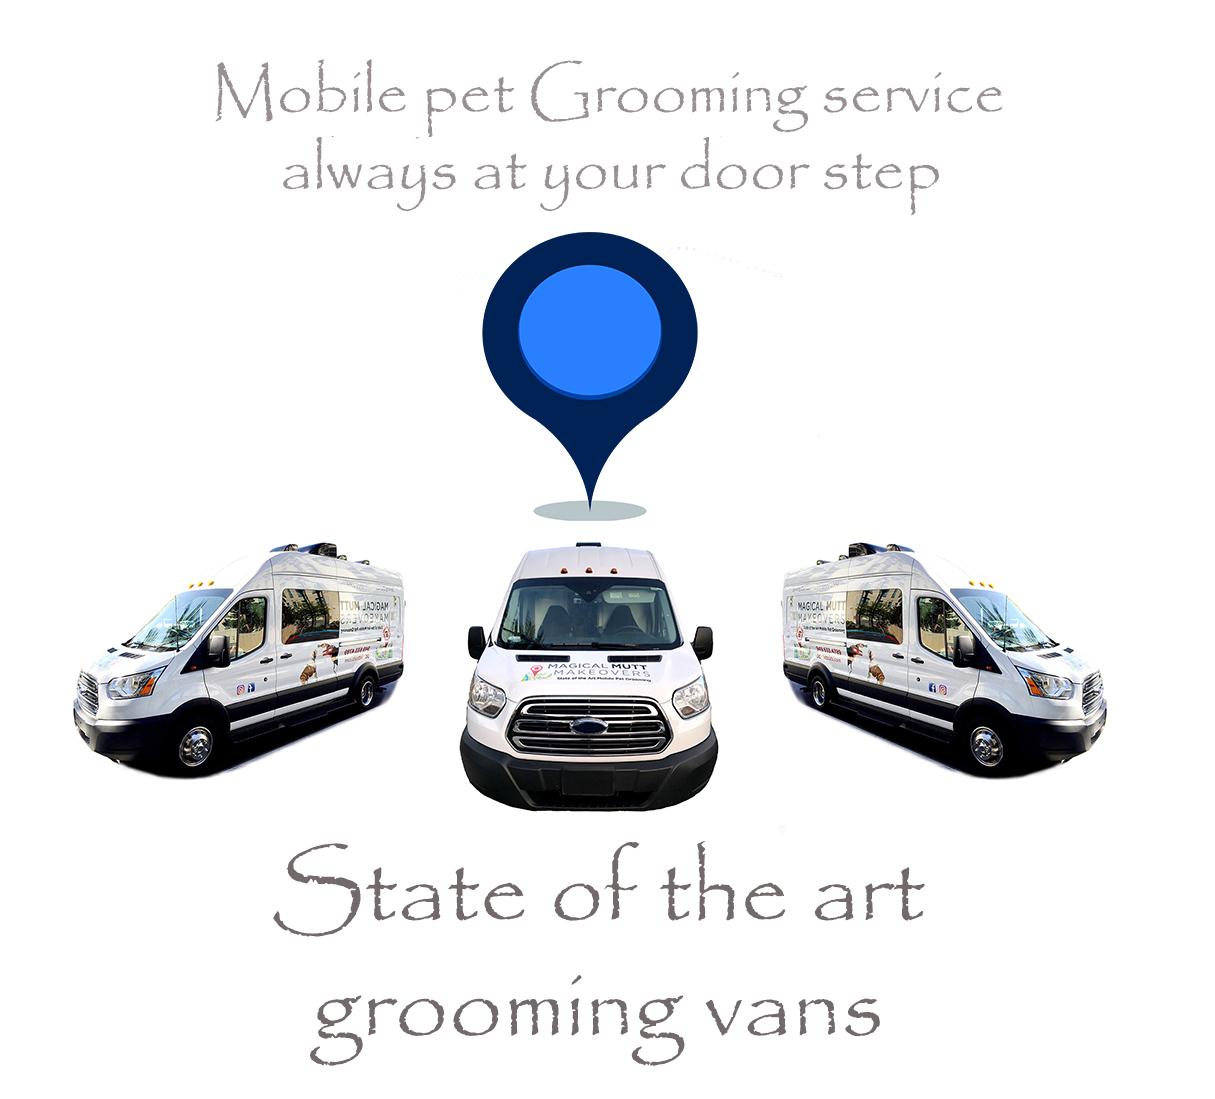 grooming van122.jpg